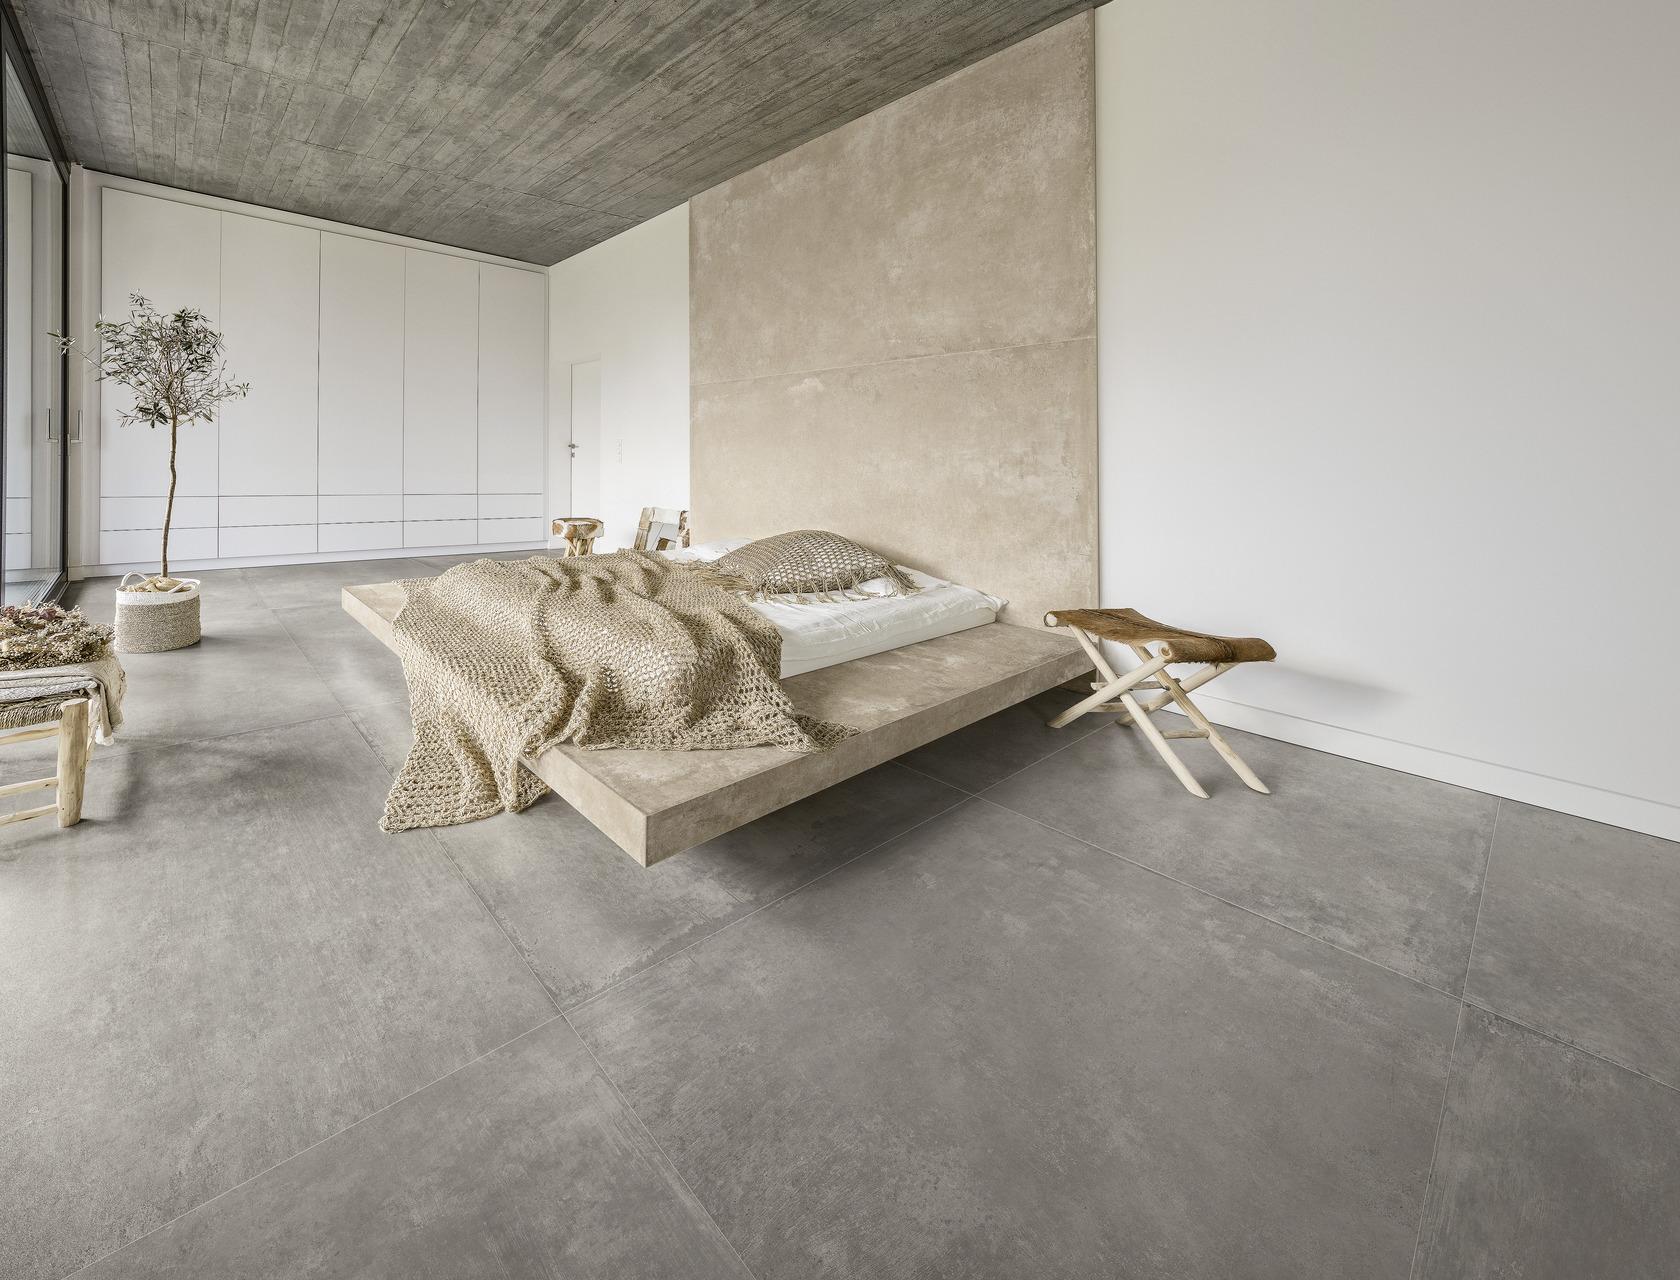 Pavimento In Cemento Prezzi cloud con.crea., gres porcellanato effetto cemento / resina